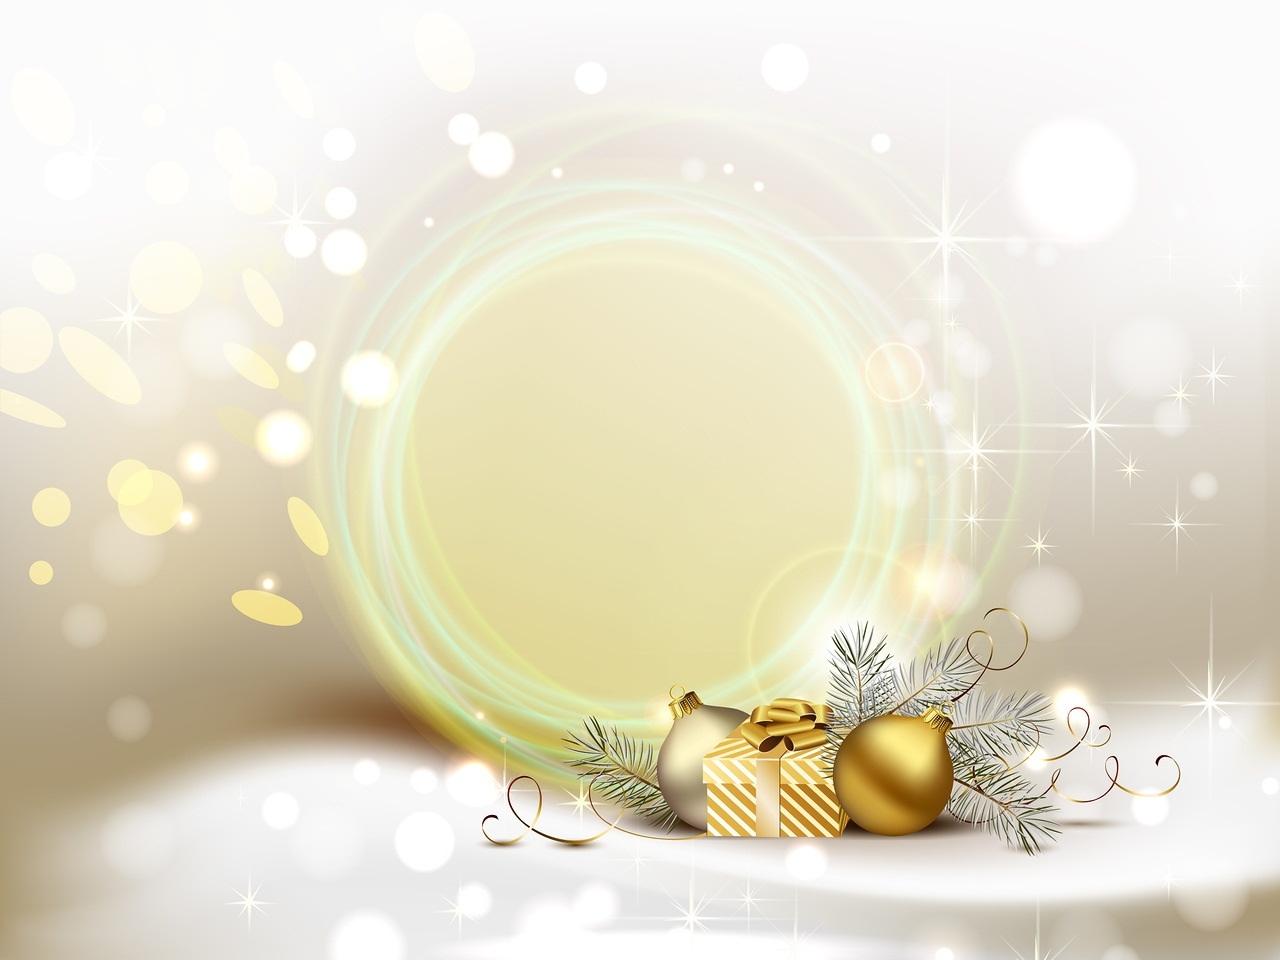 33178 descargar fondo de pantalla Vacaciones, Fondo, Año Nuevo: protectores de pantalla e imágenes gratis